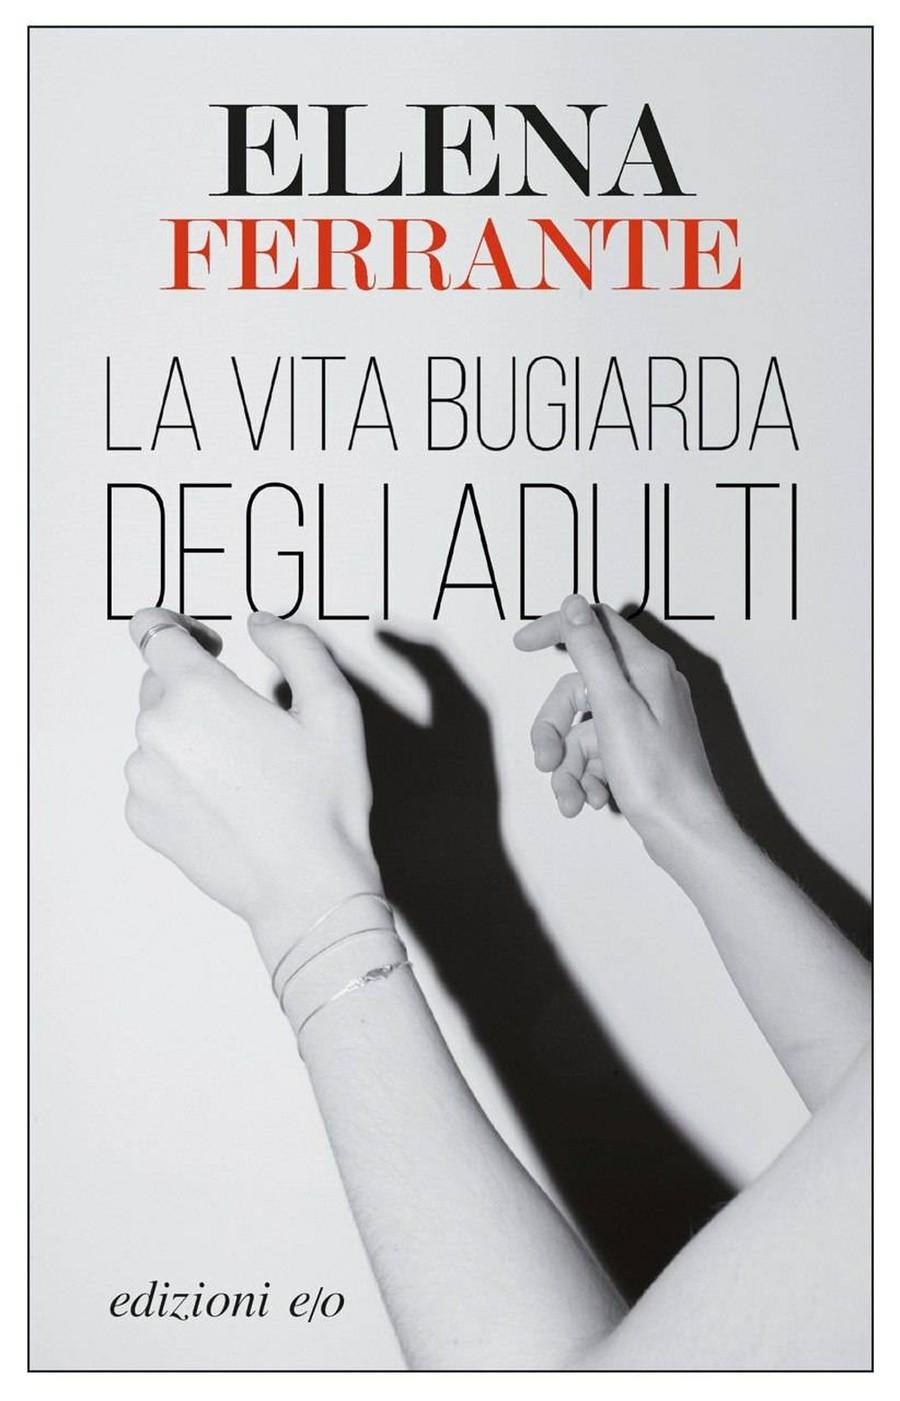 Capa italiana da nova obra de Elena Ferrante